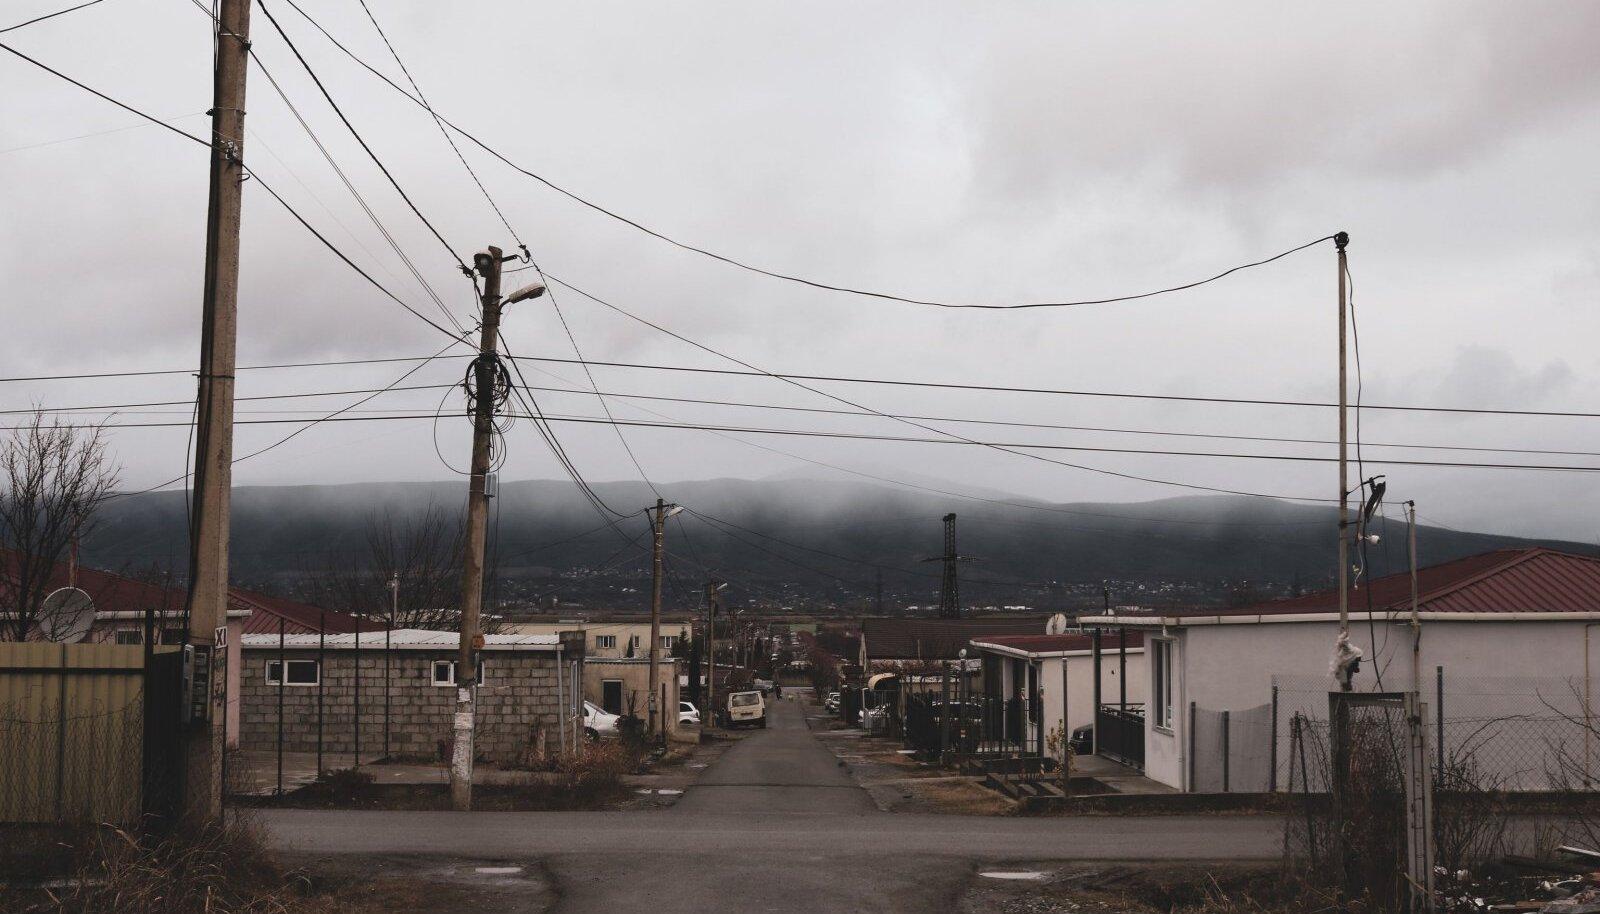 Gruusia sisepõgenike asundus